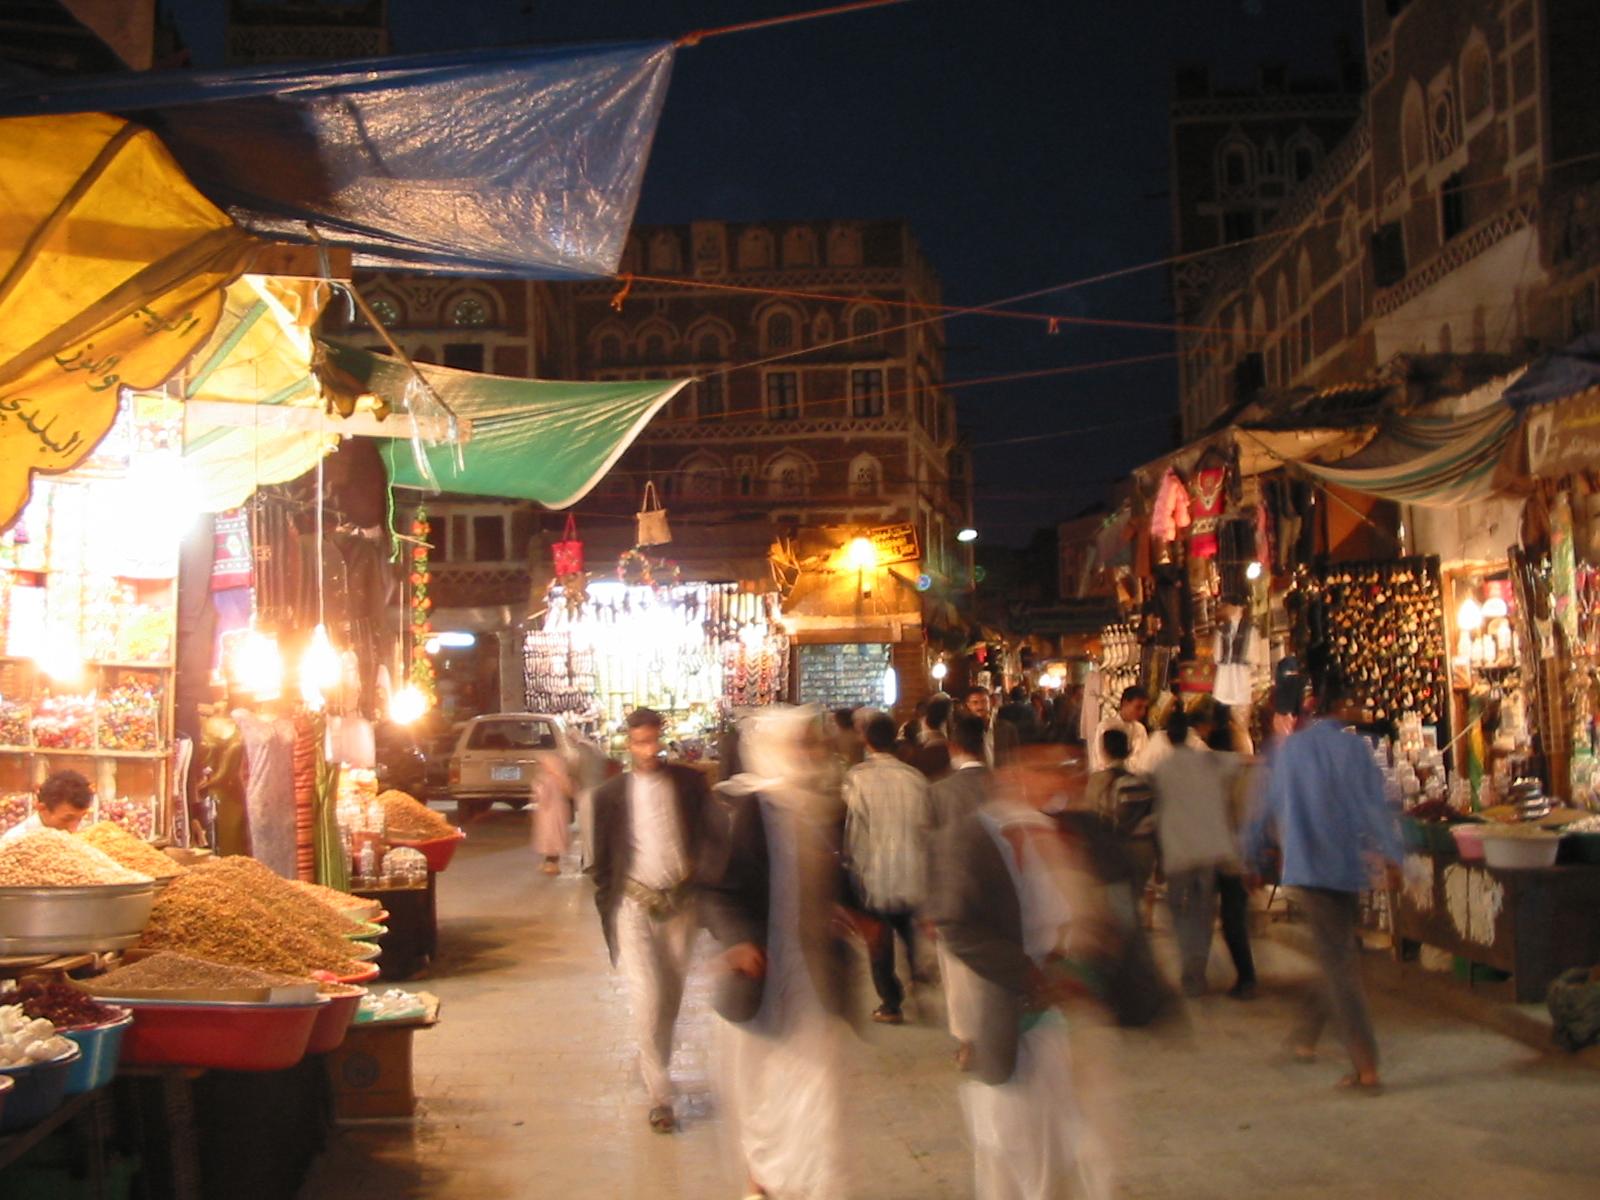 Market in Sana'a, Yemen's capital city. (Photo courtesy of YXO / flickr via The Tower)